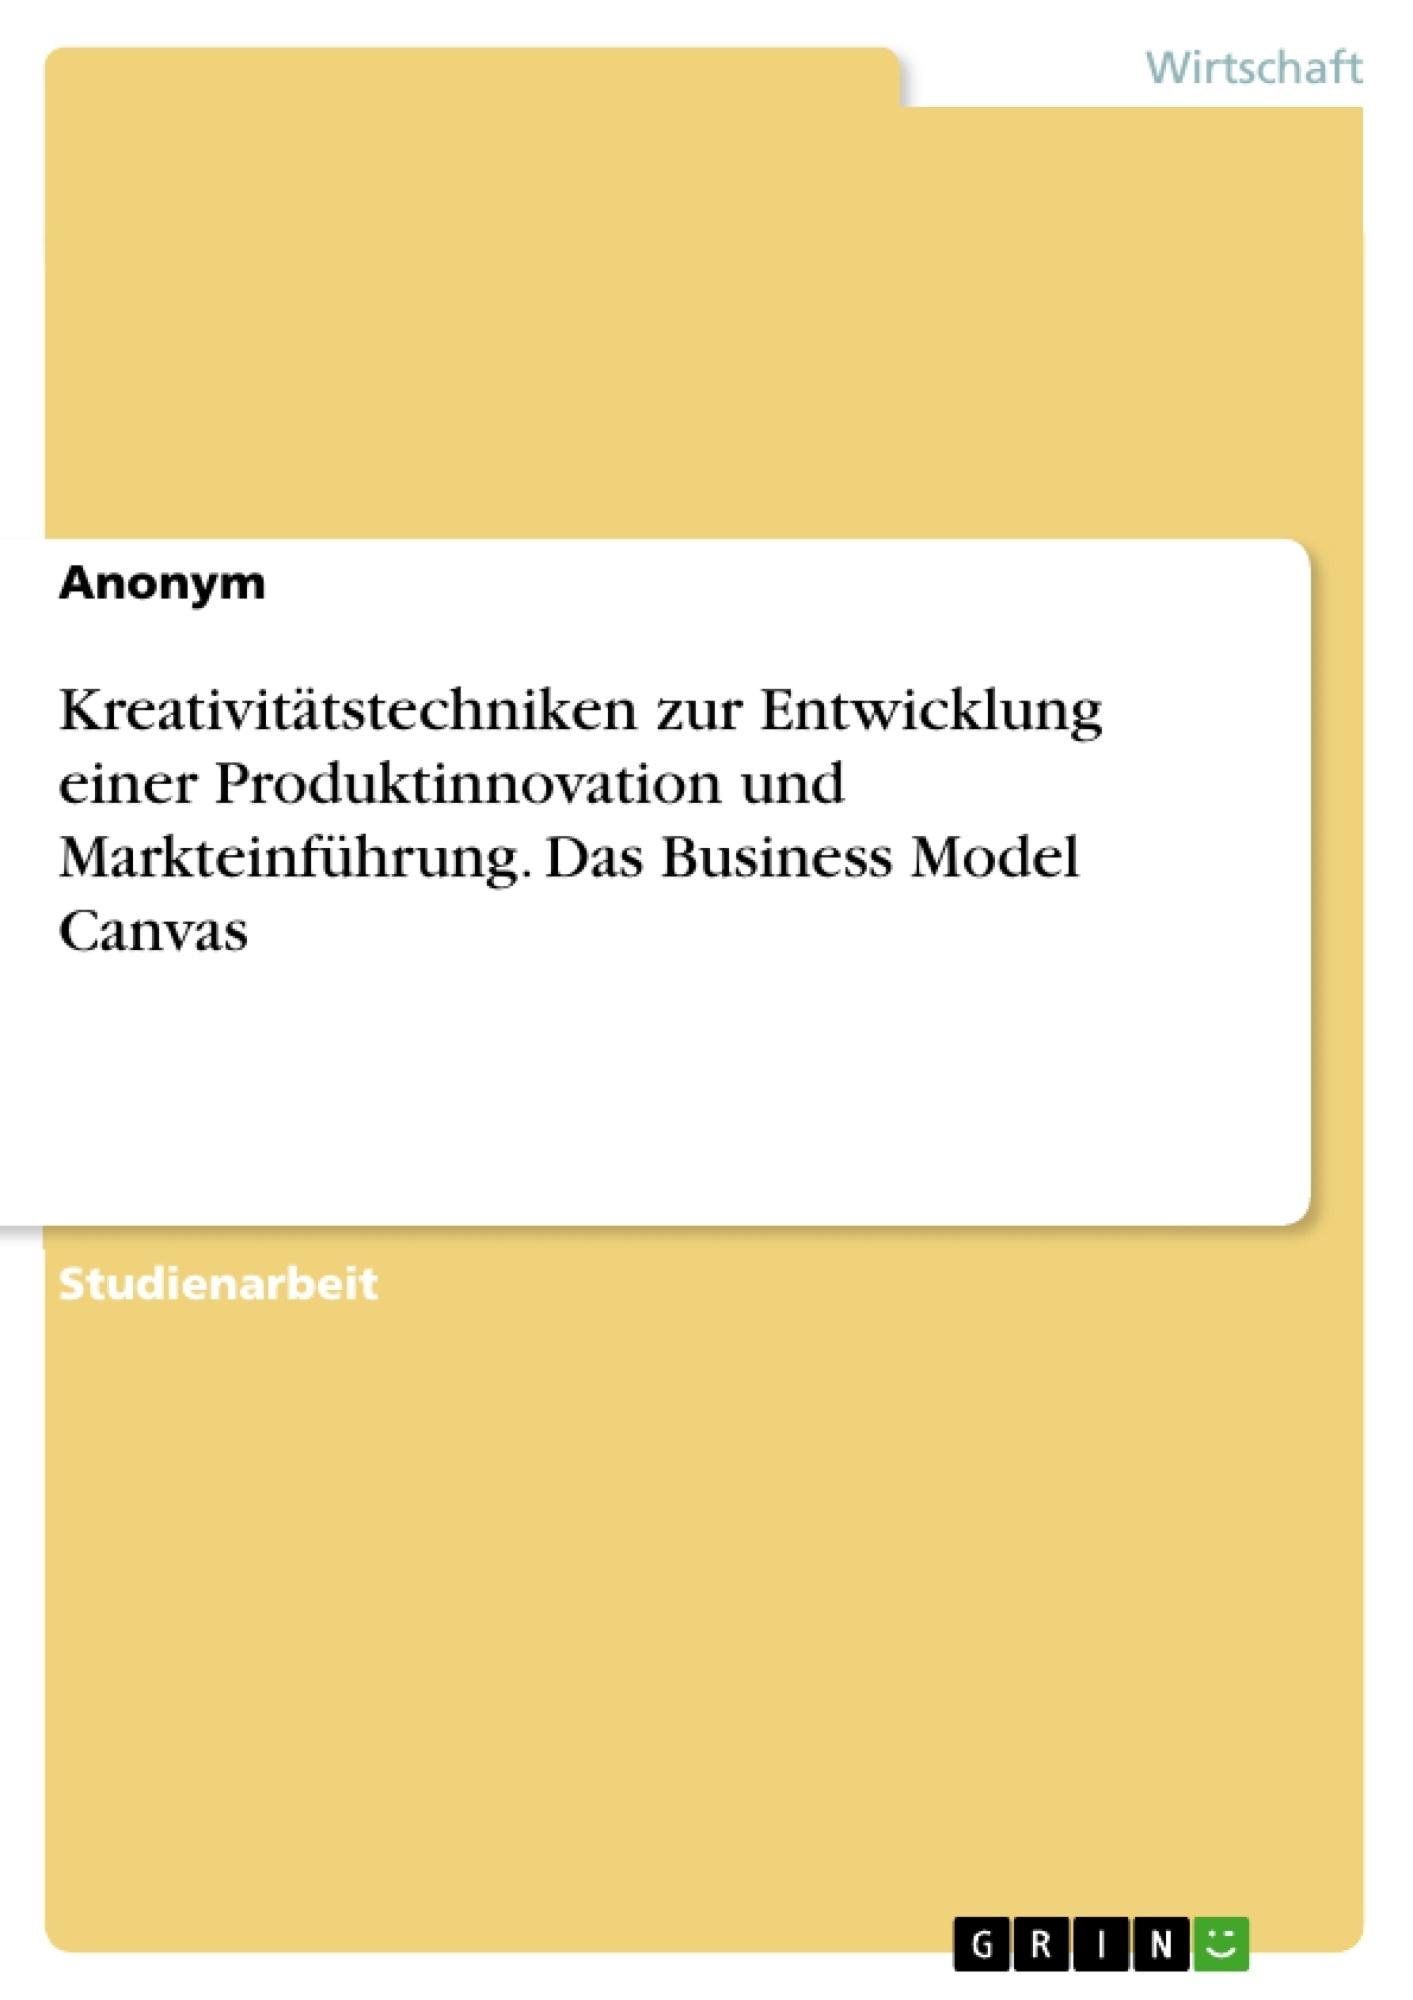 Titel: Kreativitätstechniken zur Entwicklung einer Produktinnovation und Markteinführung. Das Business Model Canvas